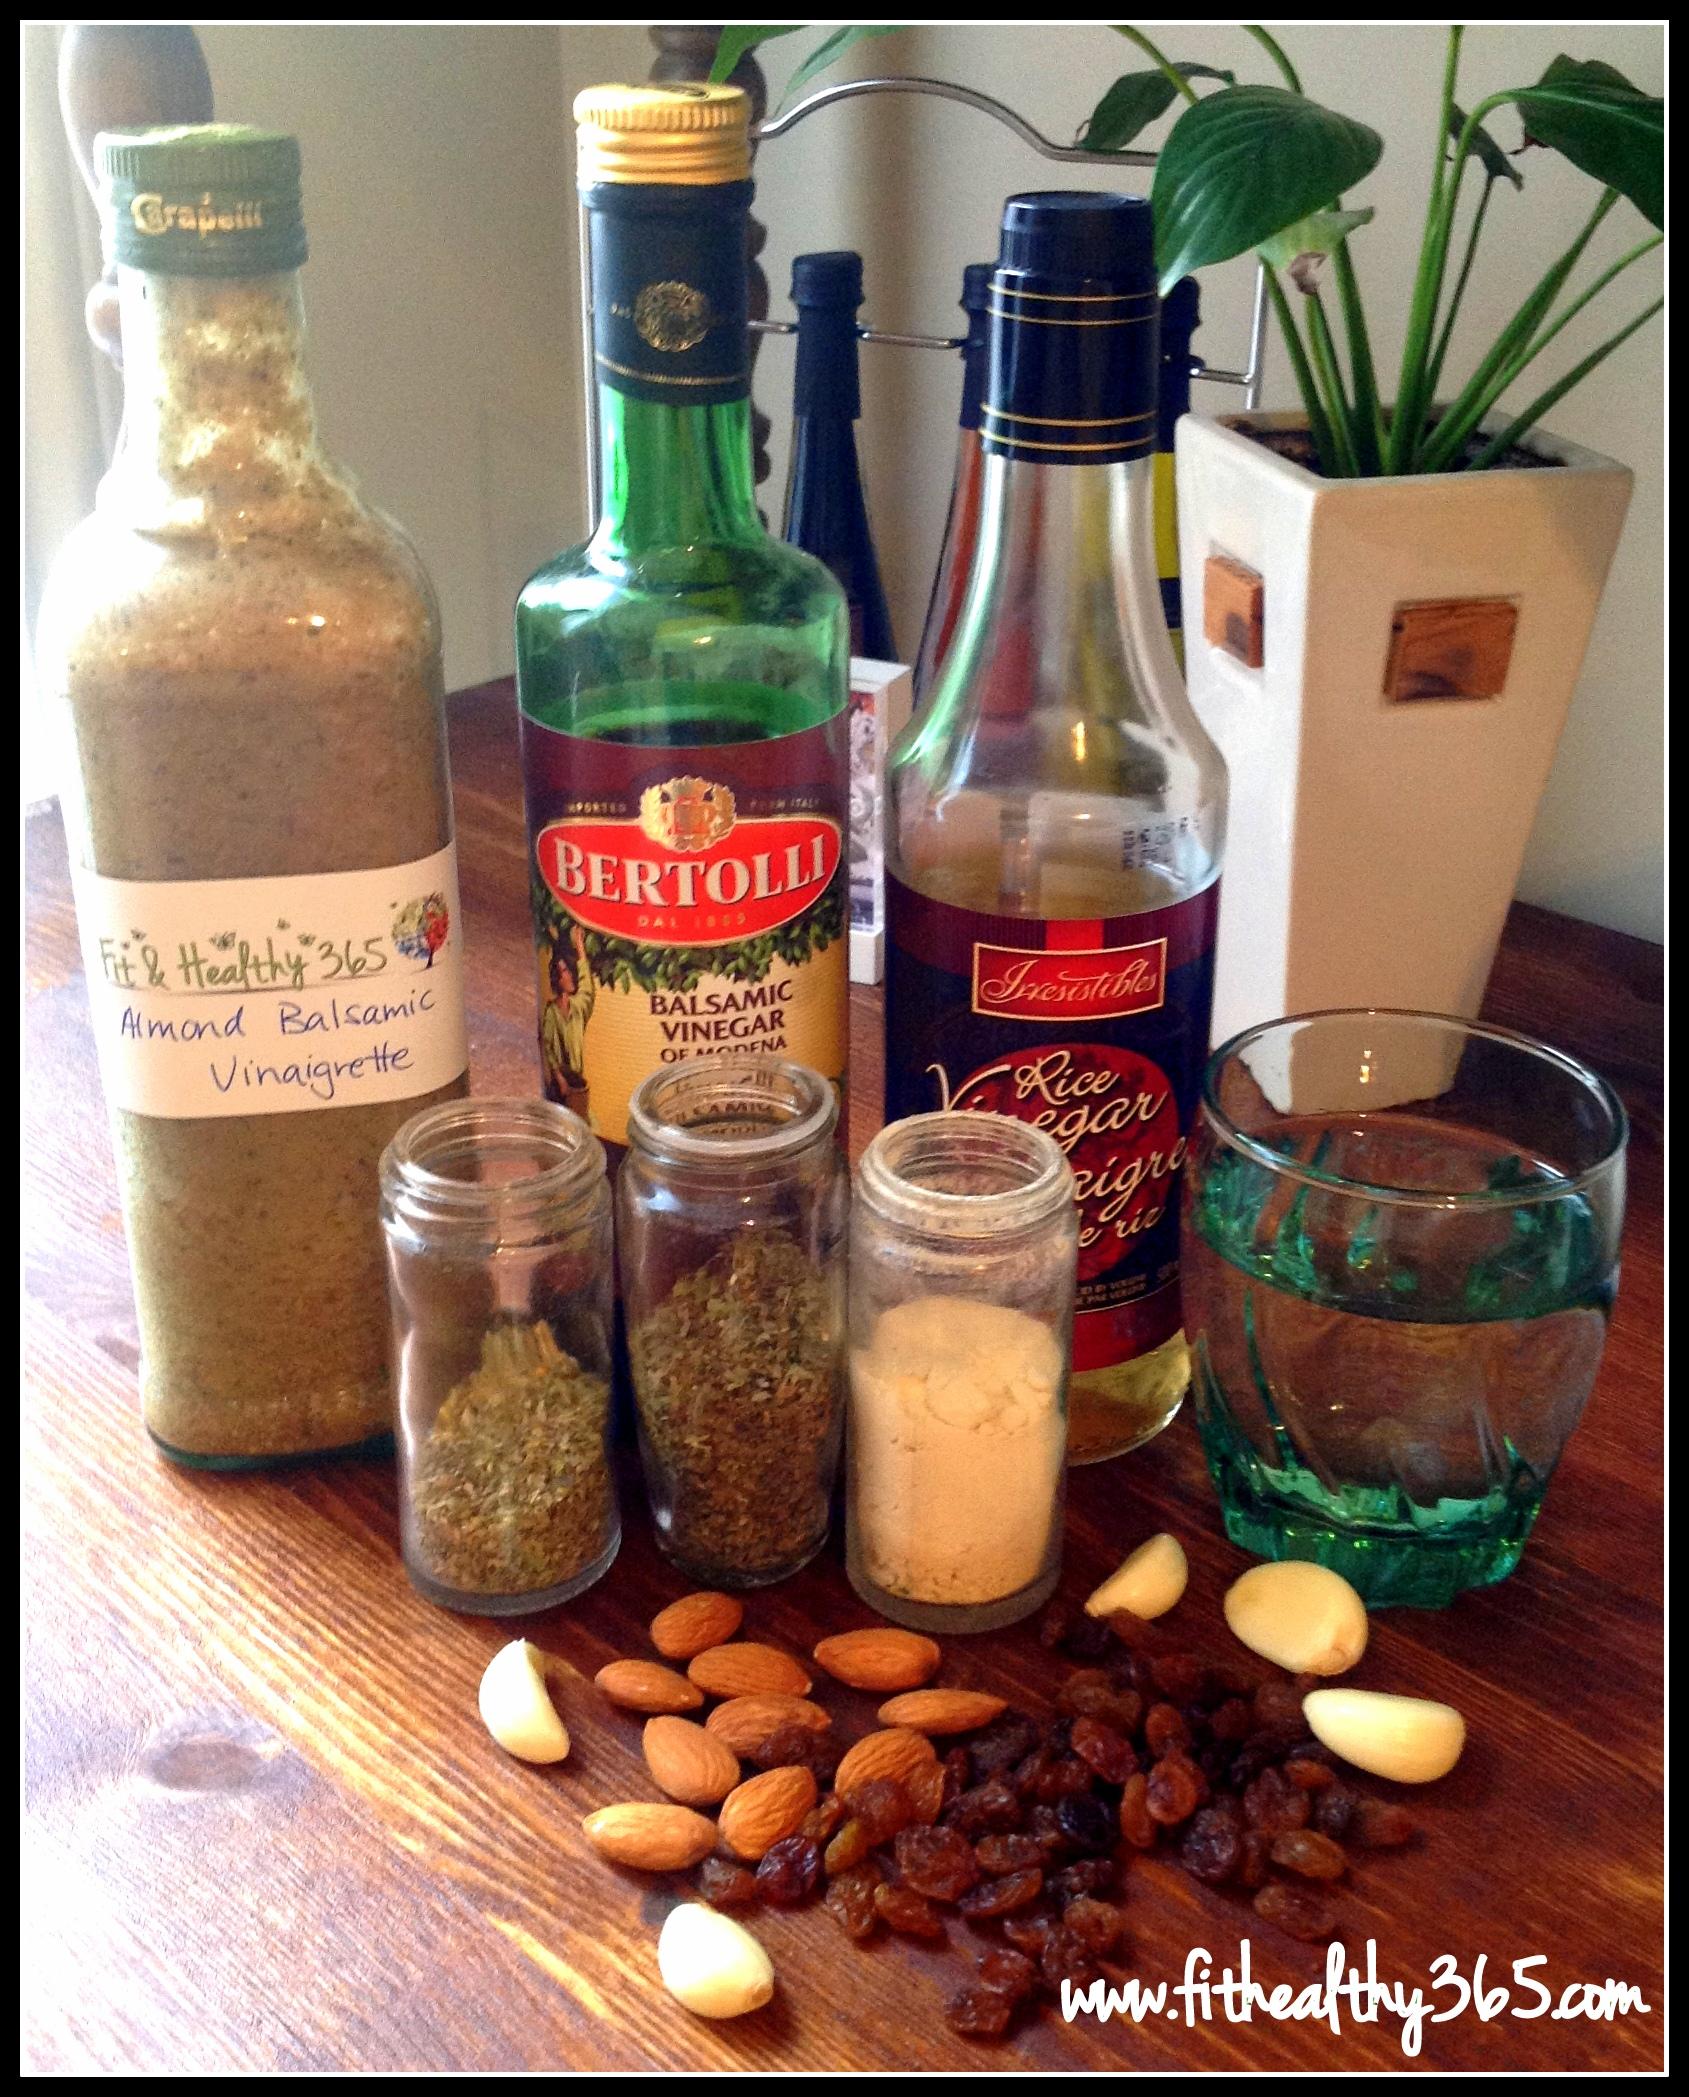 homemade almond balsamic vinaigrette